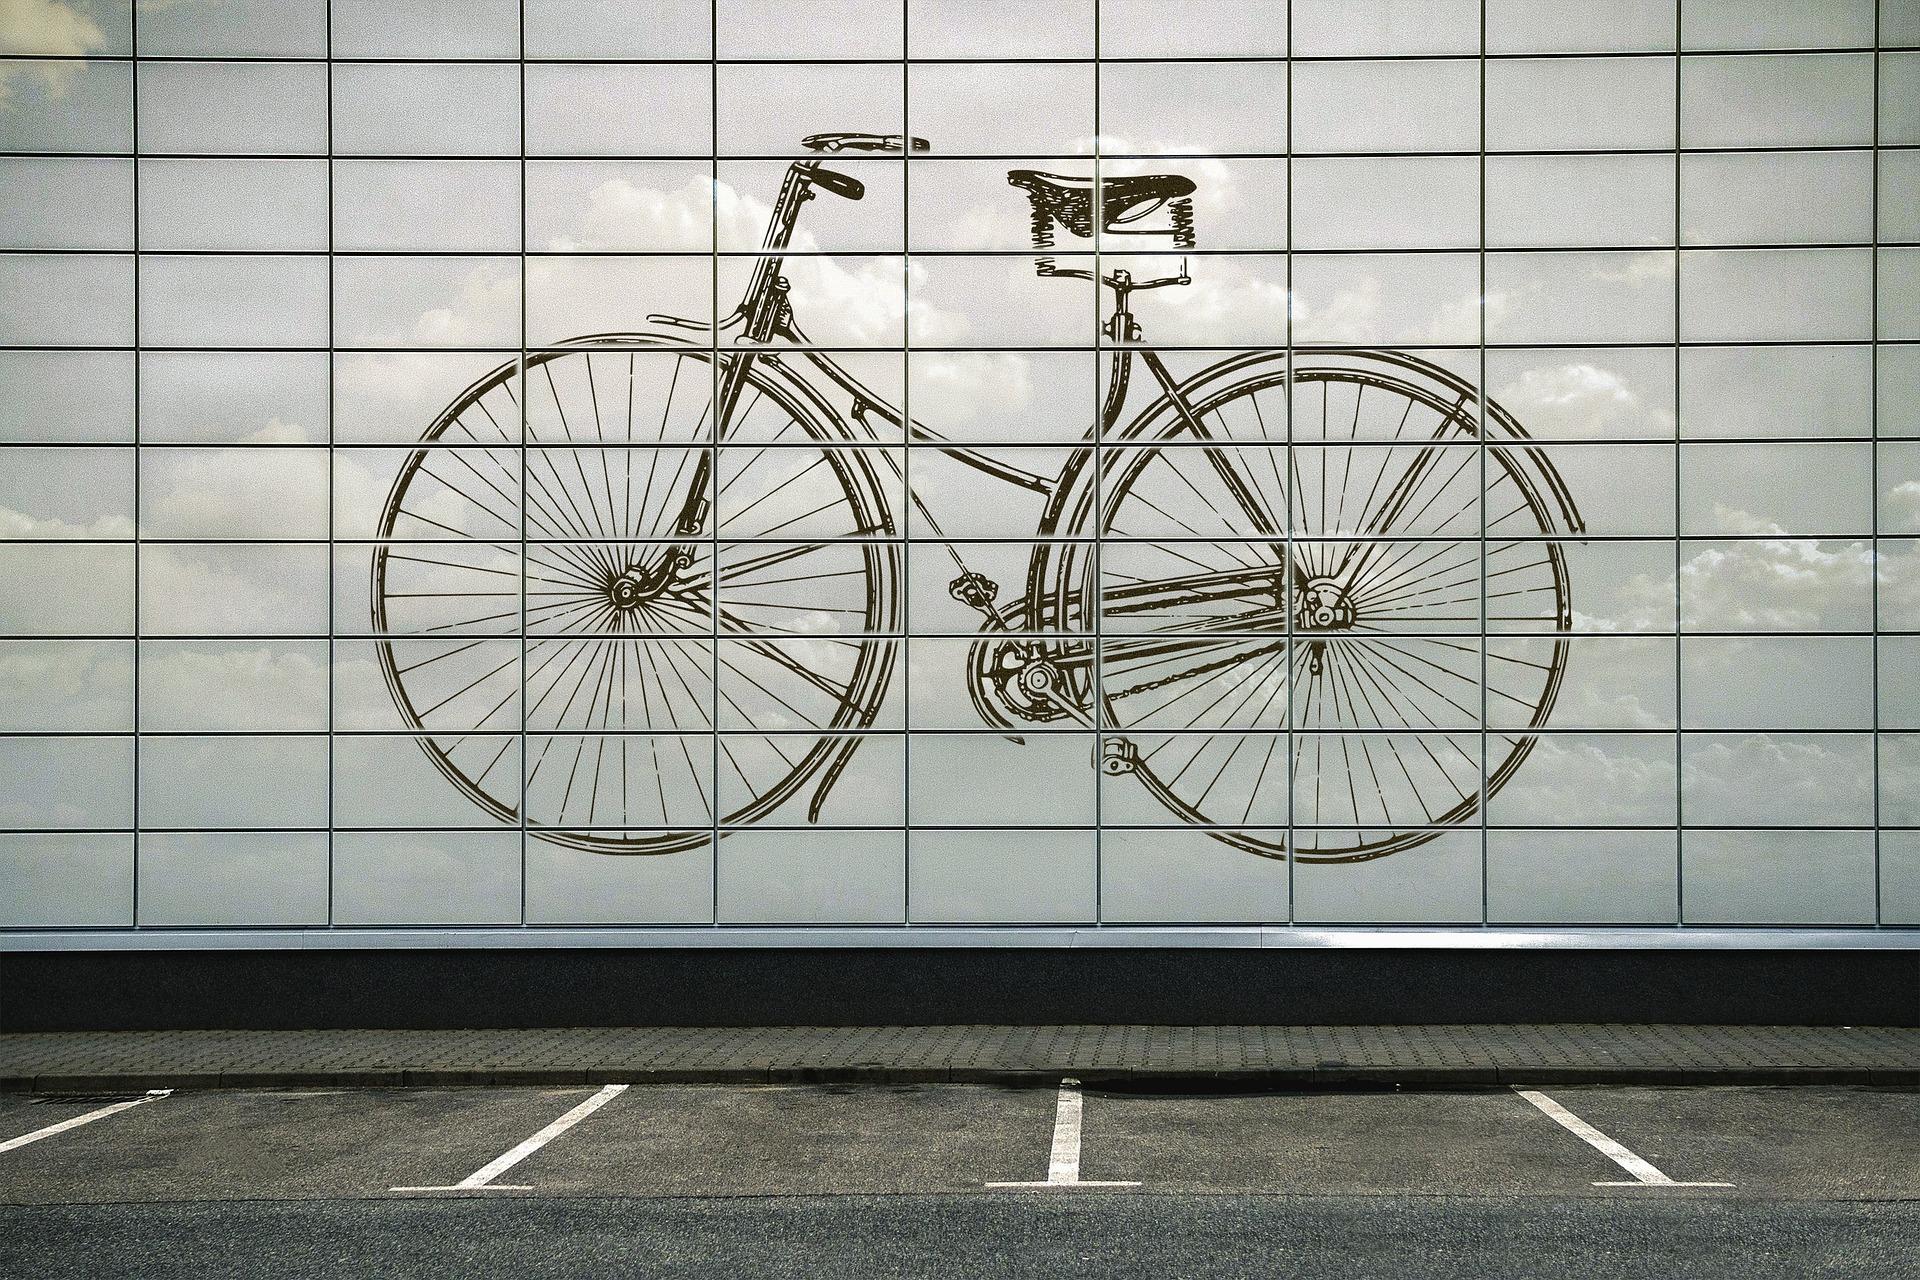 Tiefgaragenplätze für Fahrräder